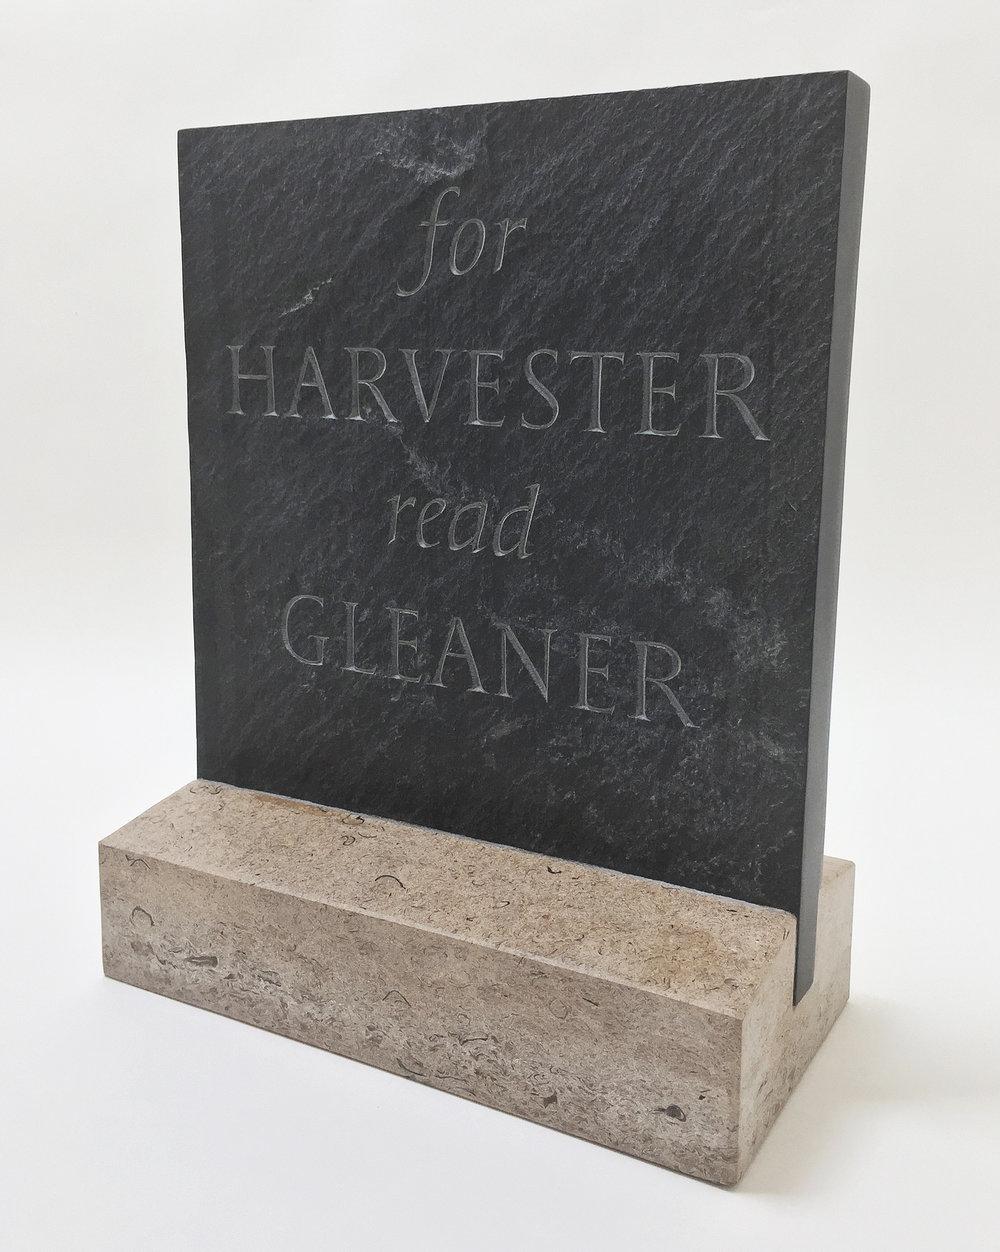 Finlay_HarvesterGleaner_1-web.jpg